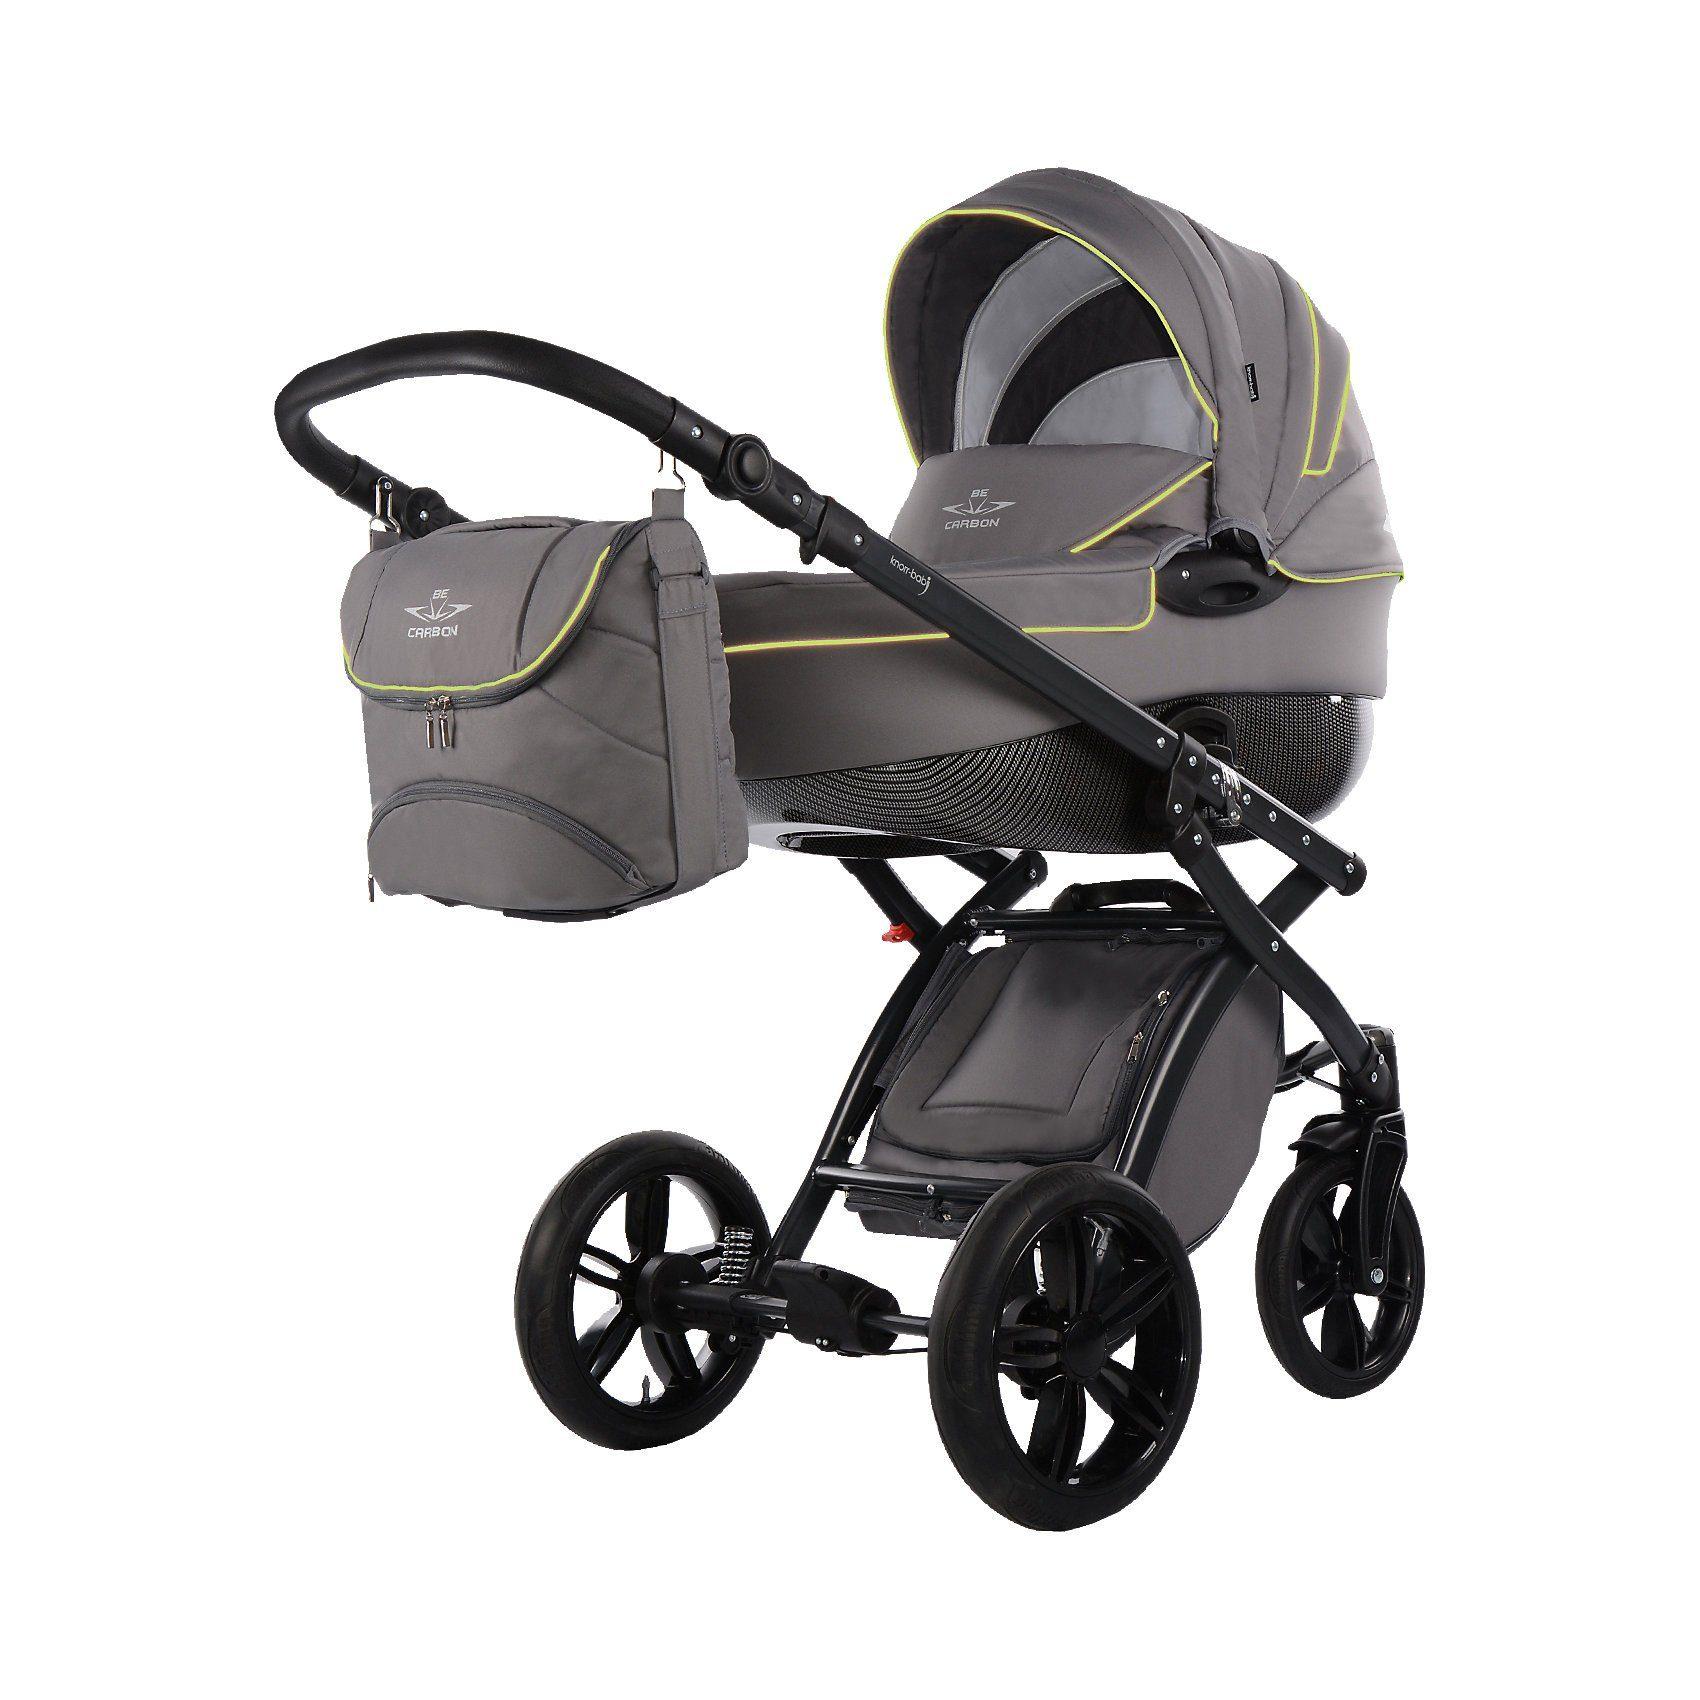 knorr-baby Kombi Kinderwagen Alive Be Carbon, grau-lemon